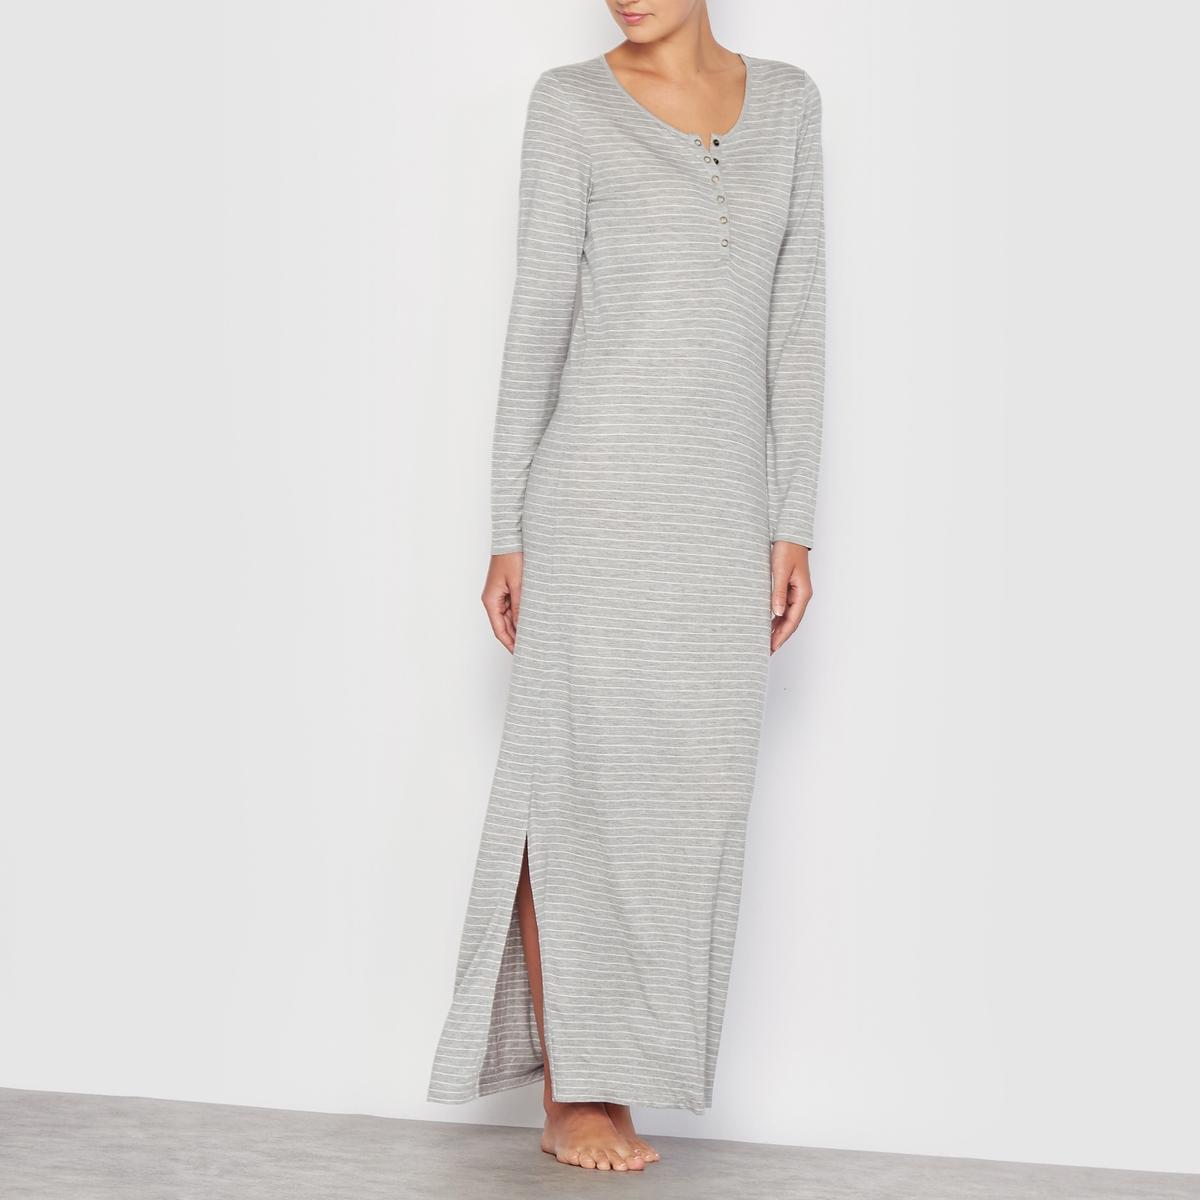 Ночная сорочка длинная женскаяМатериал джерси,100% вискоза. Разрезы по бокам. Планка с пуговицами на вырезе. Длина : 135 см. Машинная стирка при 30° C.<br><br>Цвет: темно-серый меланж